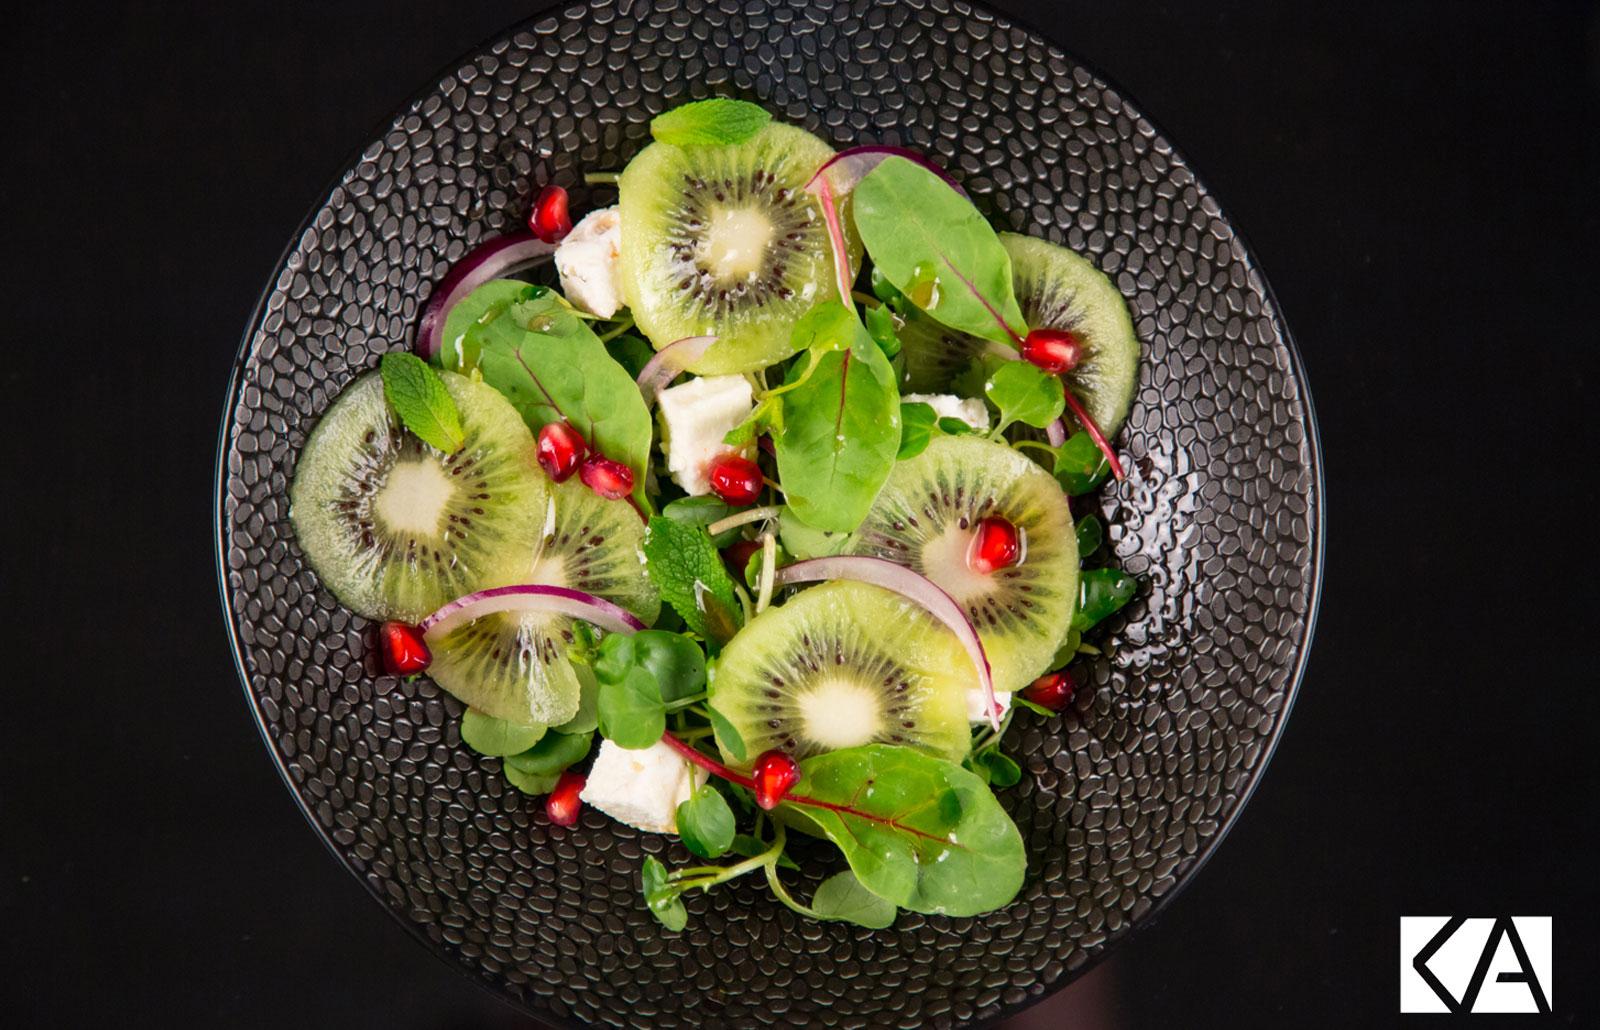 Recette de salade vert au fruit et salade jeune pousse